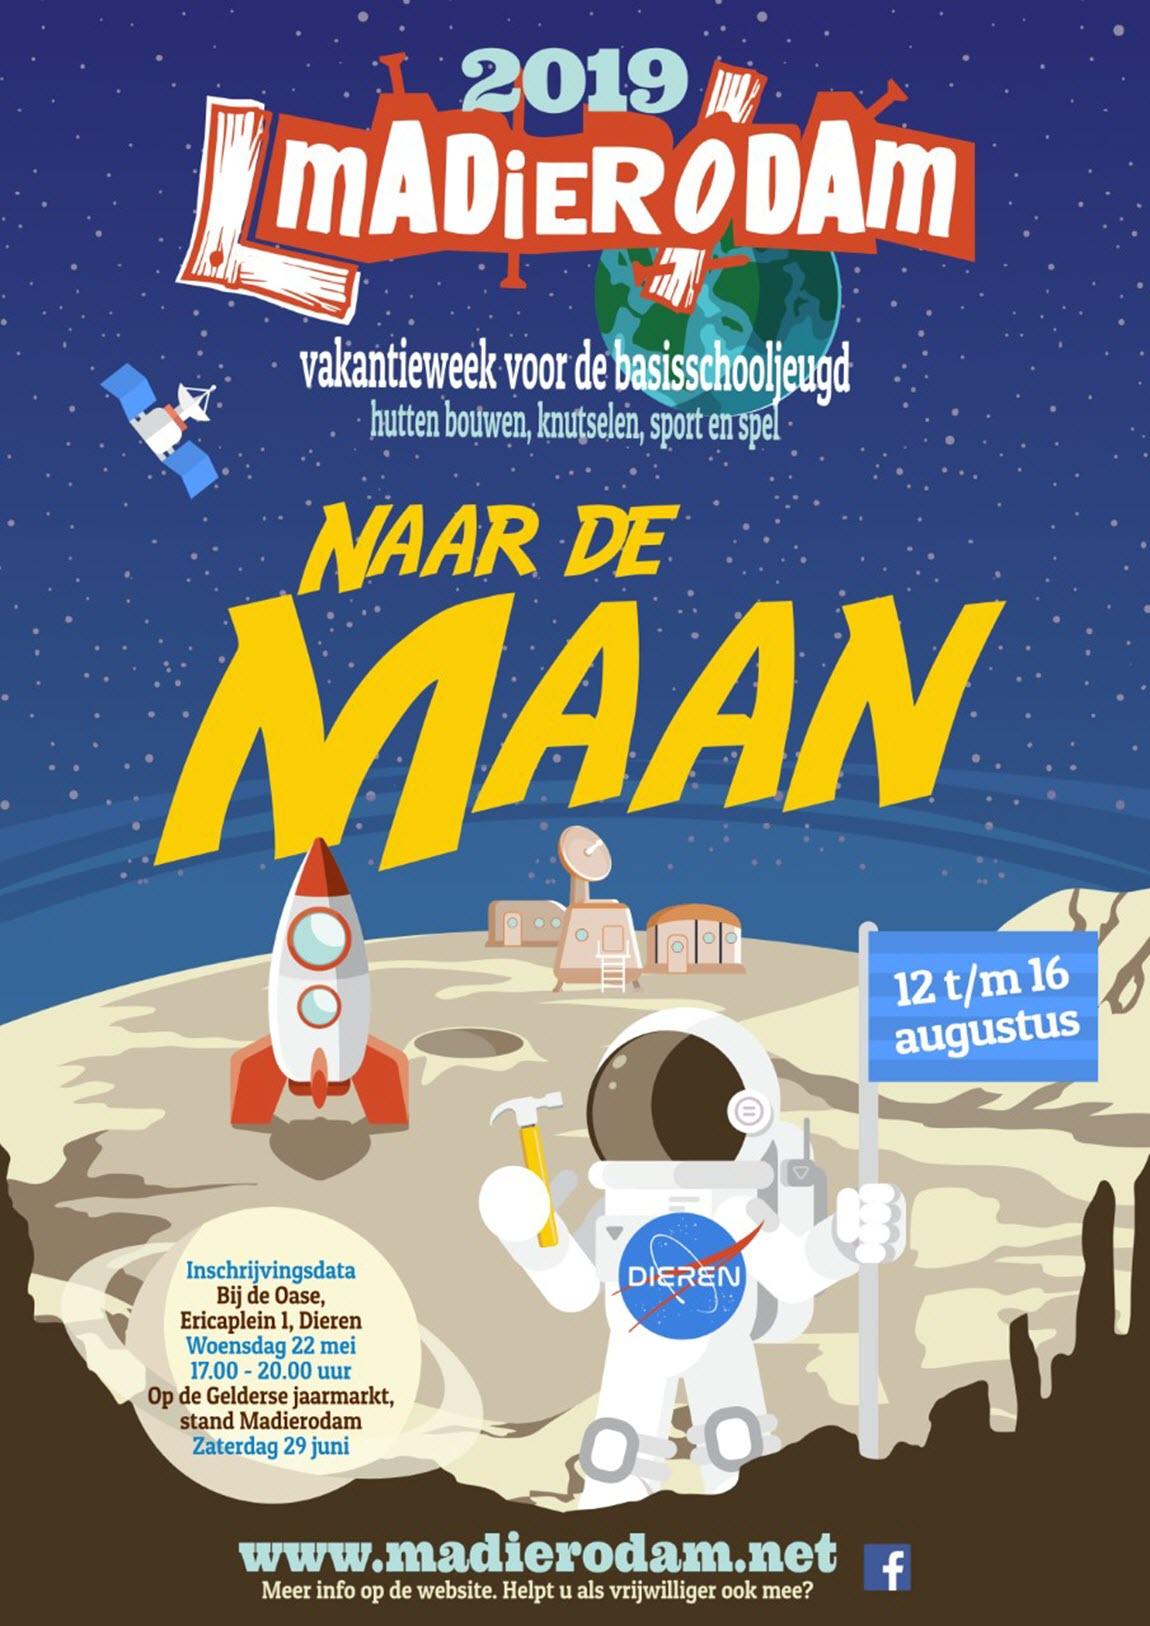 Madierodam naar de Maan